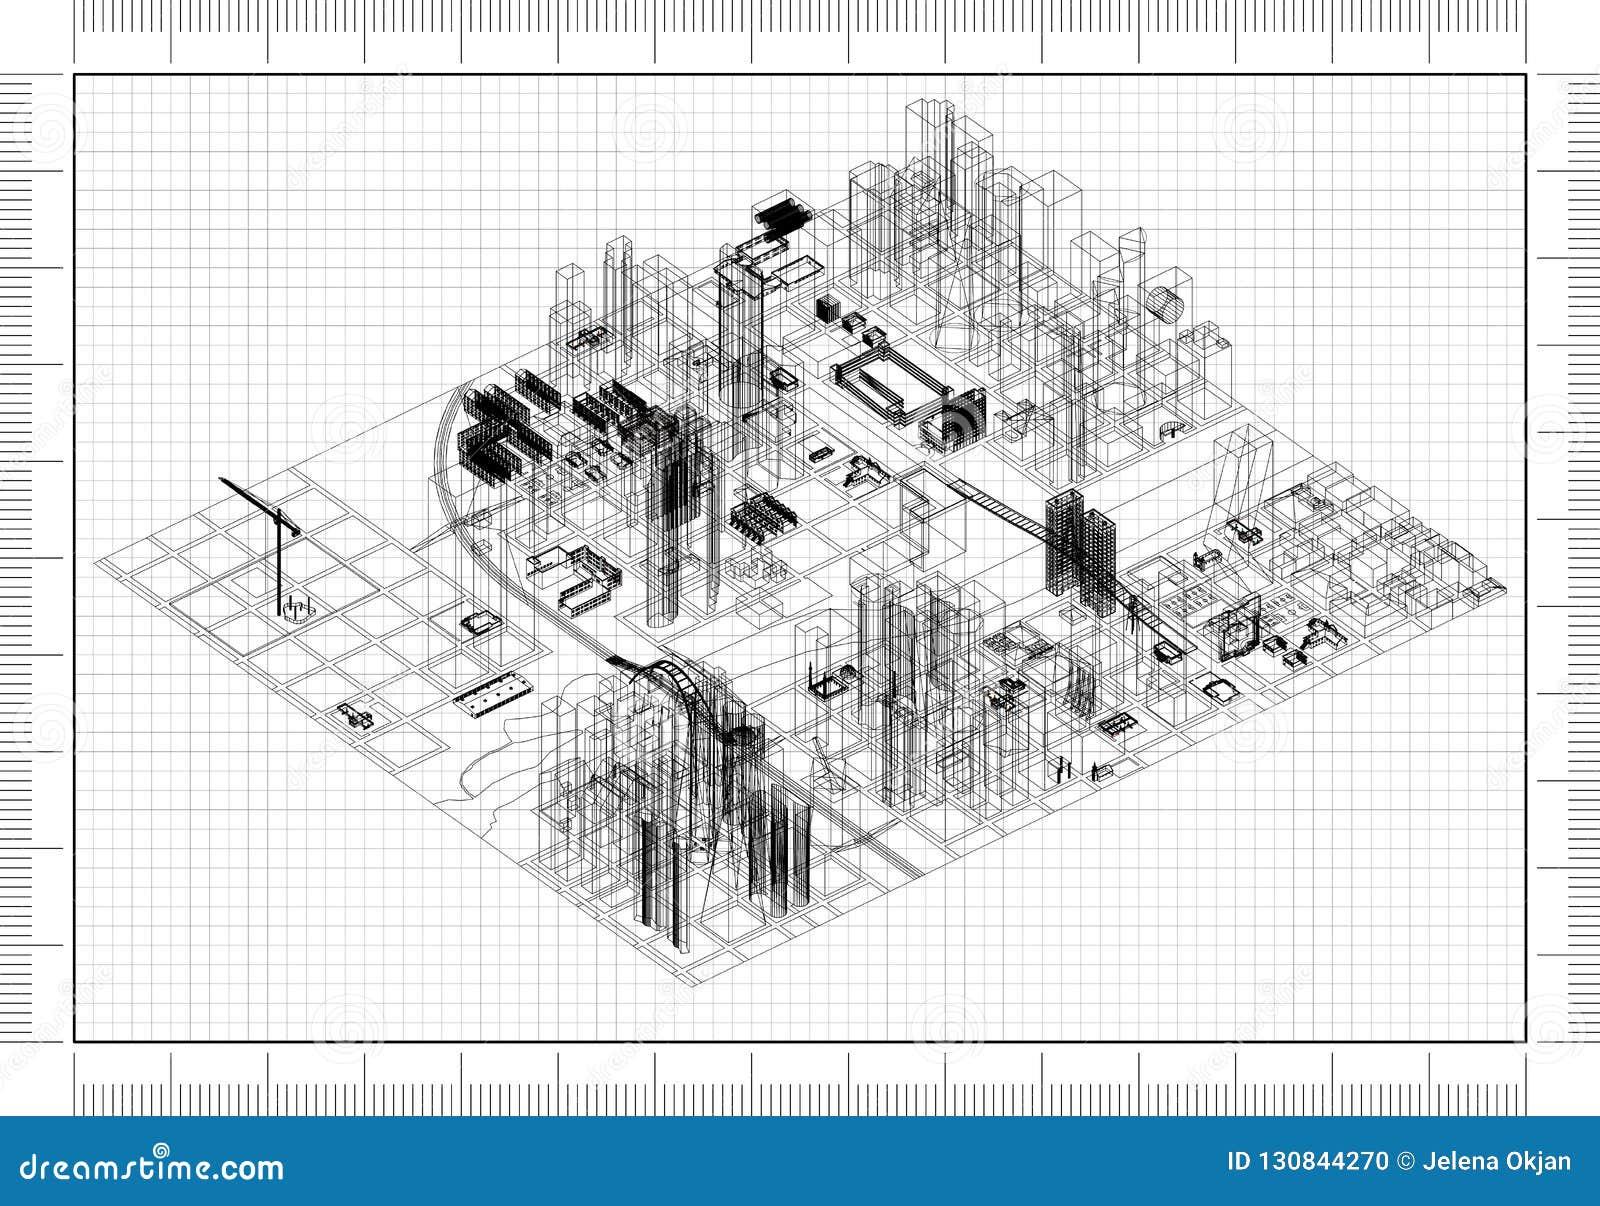 Architekt Blueprint